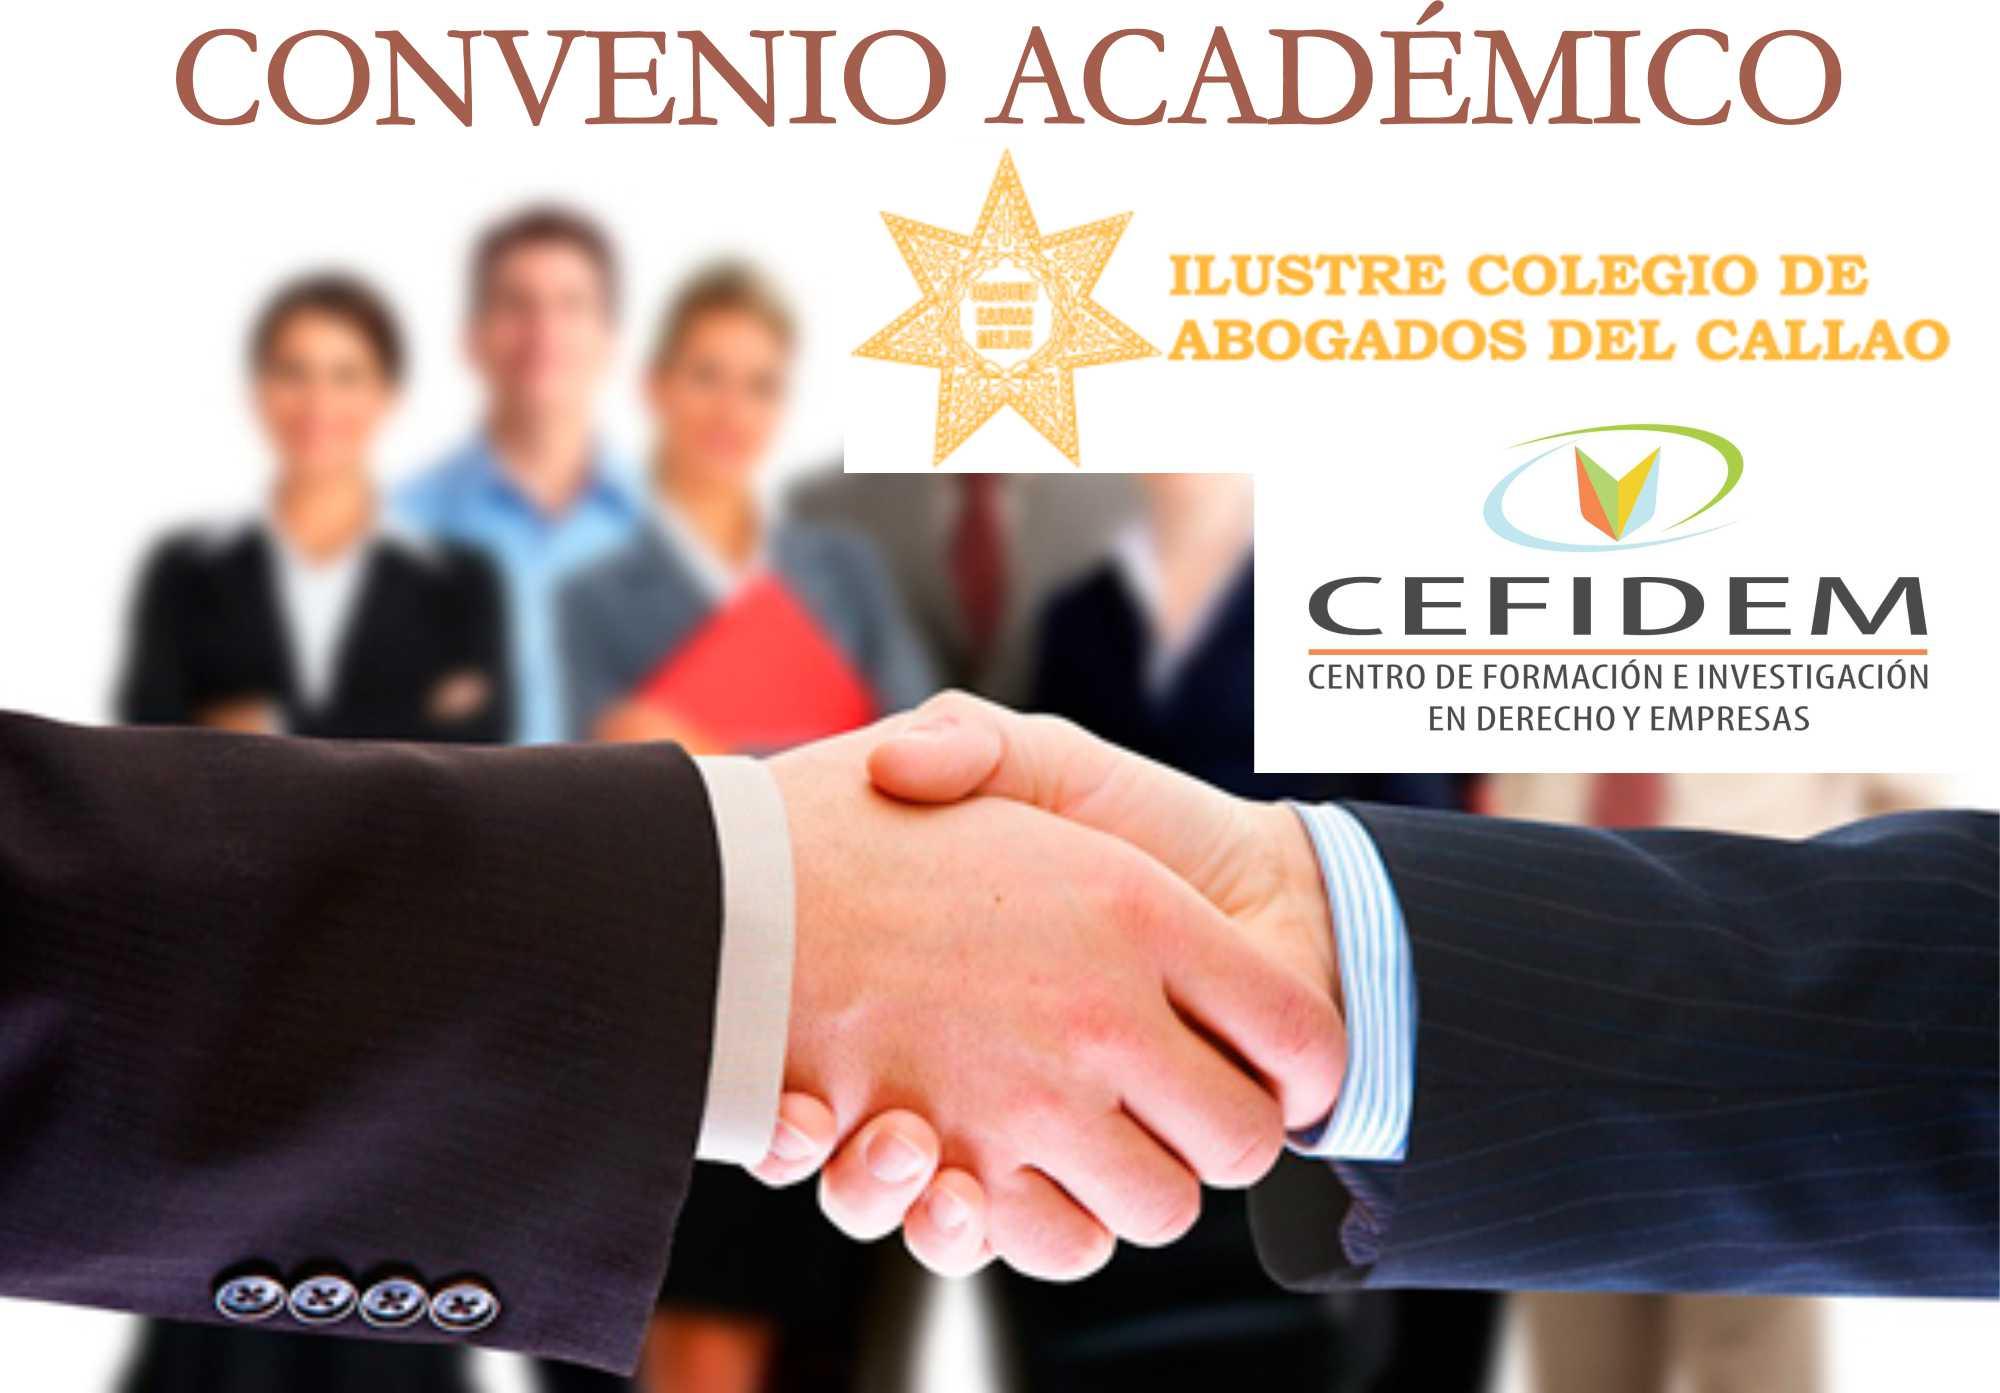 Convenio Académico de Cooperación entre CEFIDEM y el Colegio de Abogados del Callao